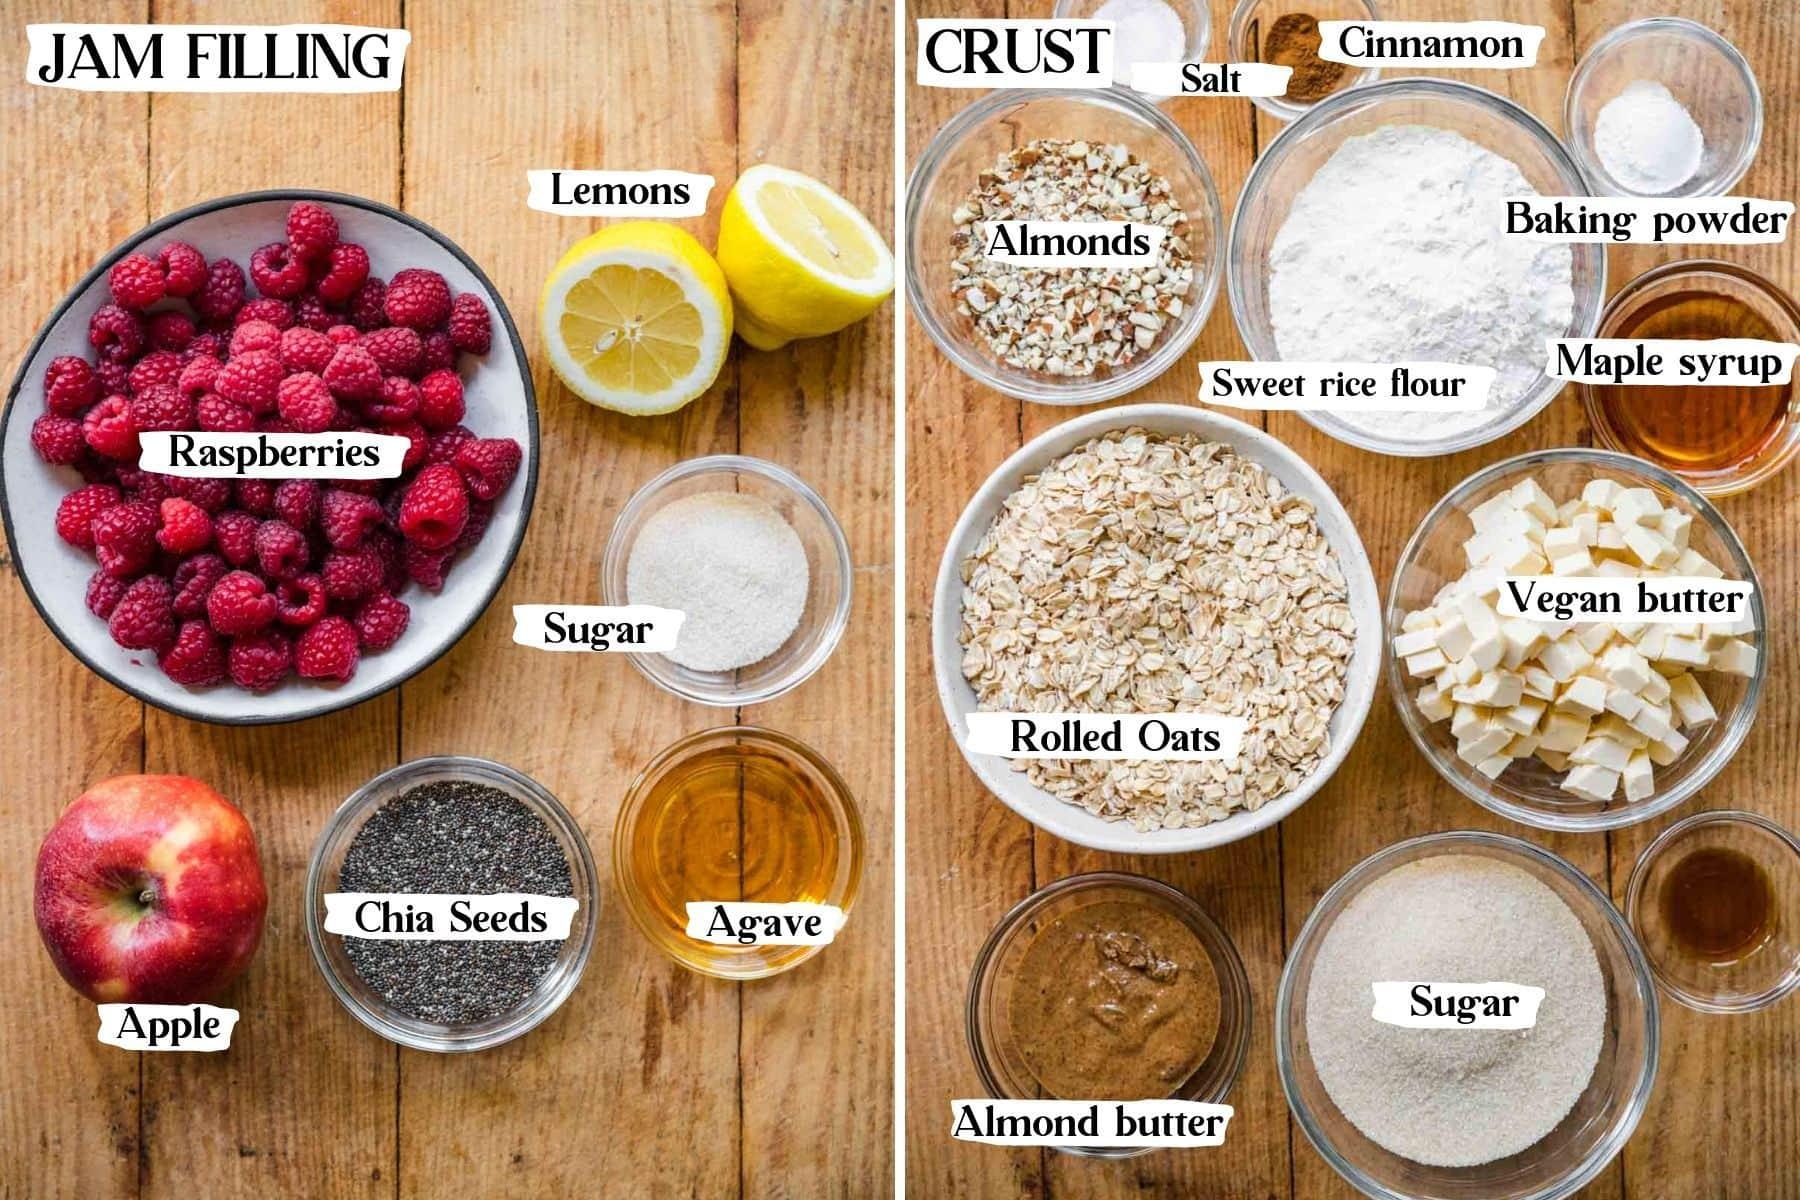 Overhead view of jam and crust ingredients, including raspberries, lemons, sugar, apple, chia seeds, agave, salt, cinnamon, almonds, etc.